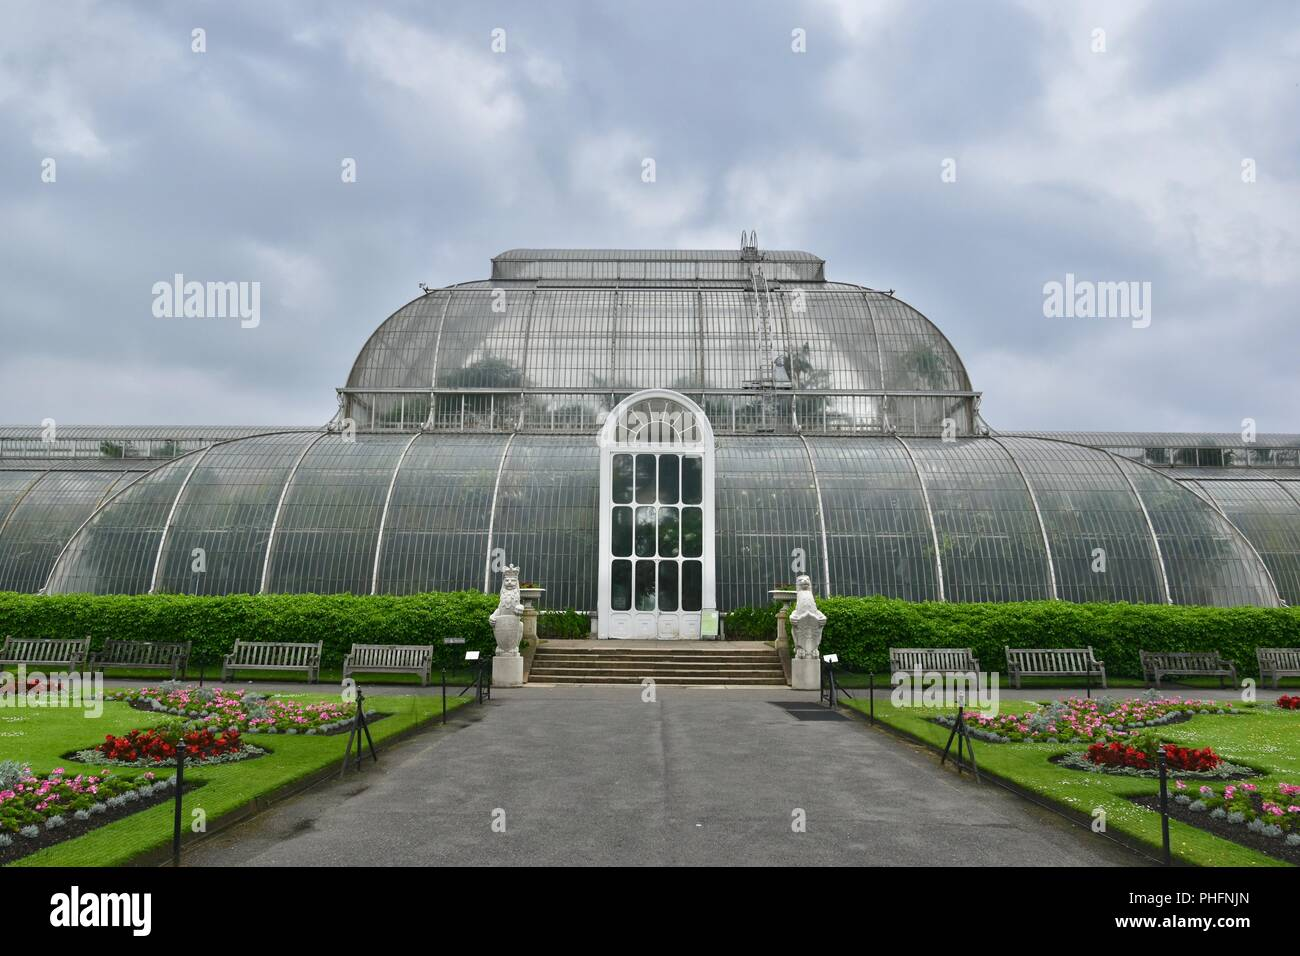 Ein Blick auf die Königlichen Botanischen Gärten in Kew, London, Vereinigtes Königreich Stockbild